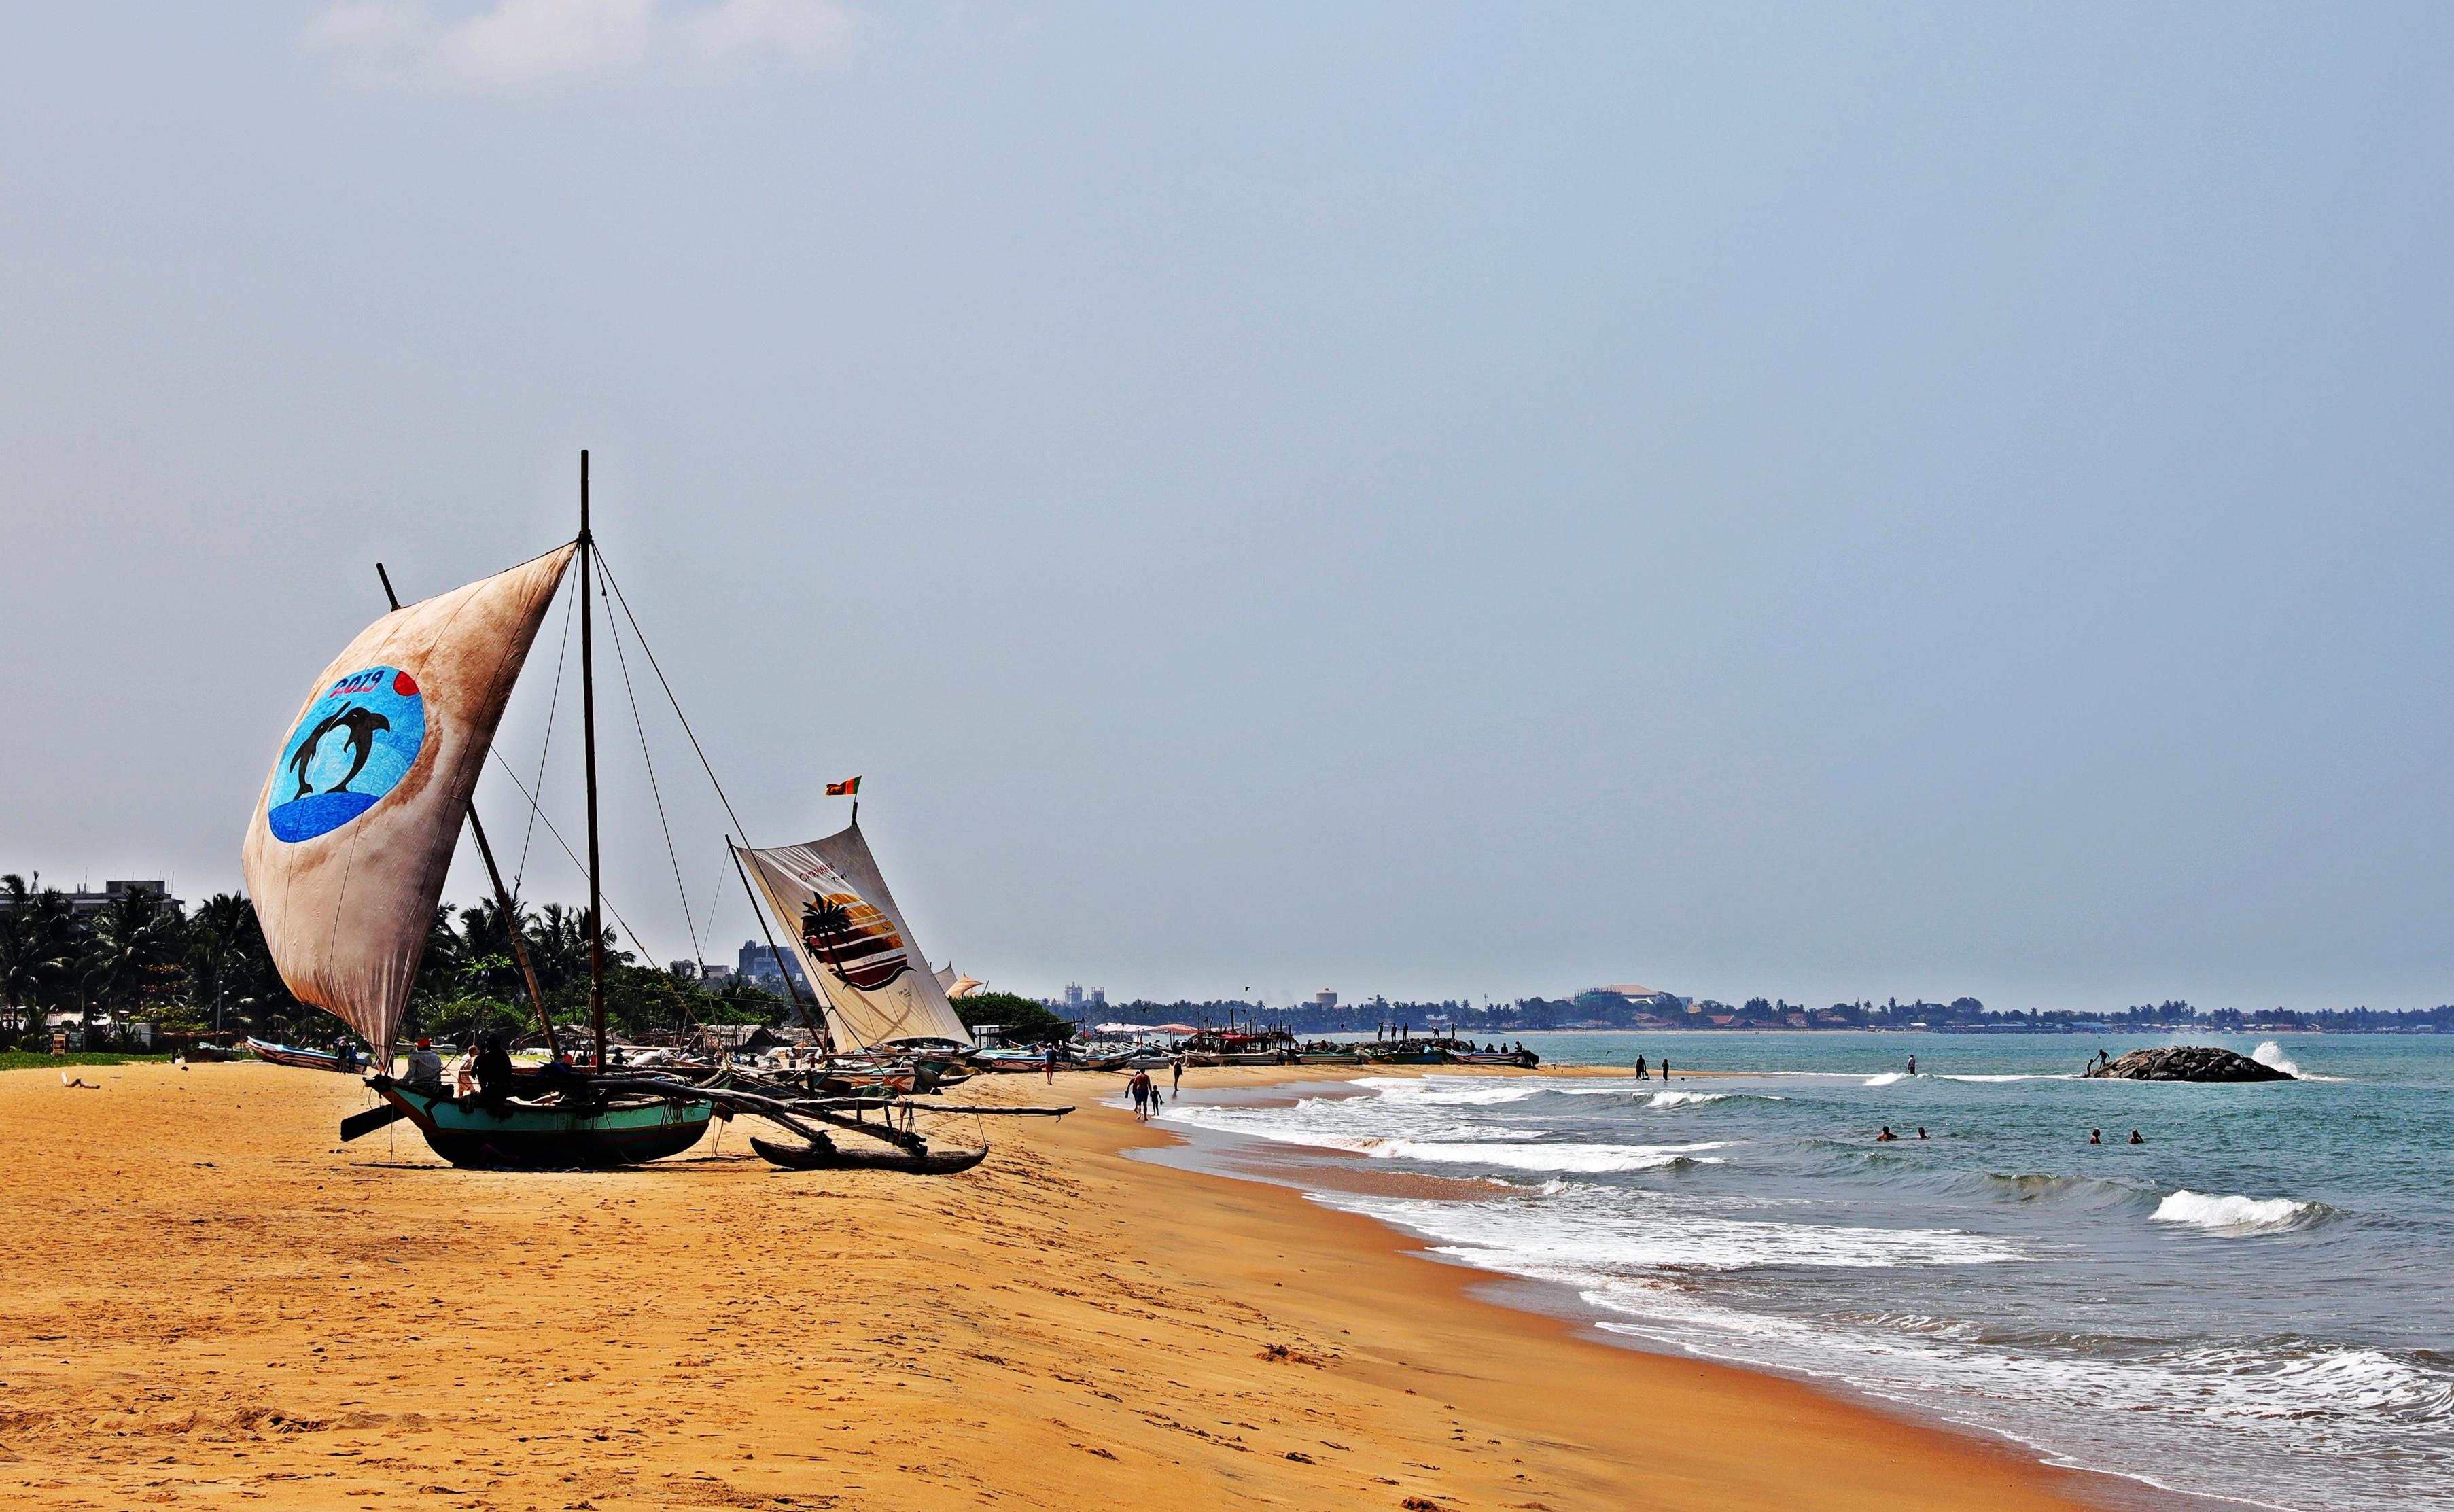 'Catamarans' on Negombo beach